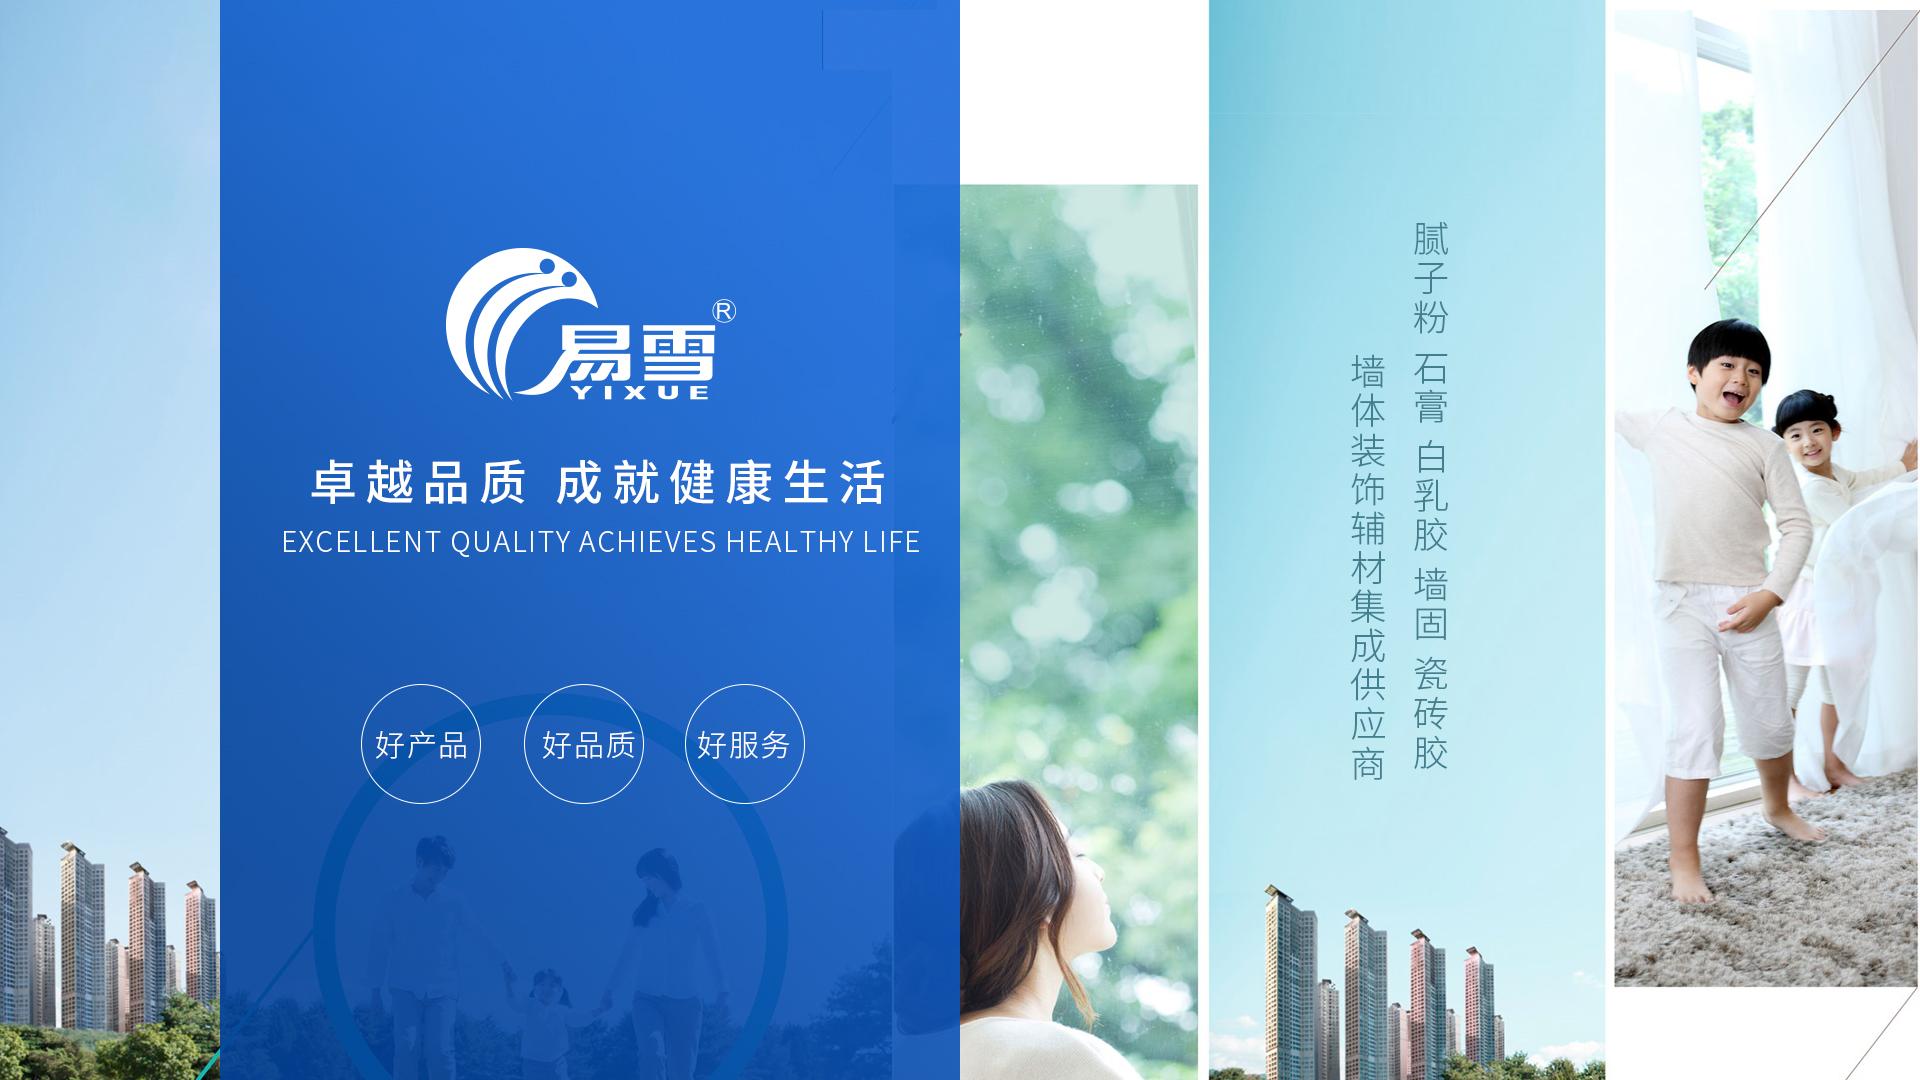 中国经济网:戒赌交流群贴吧公司质量诚信建设